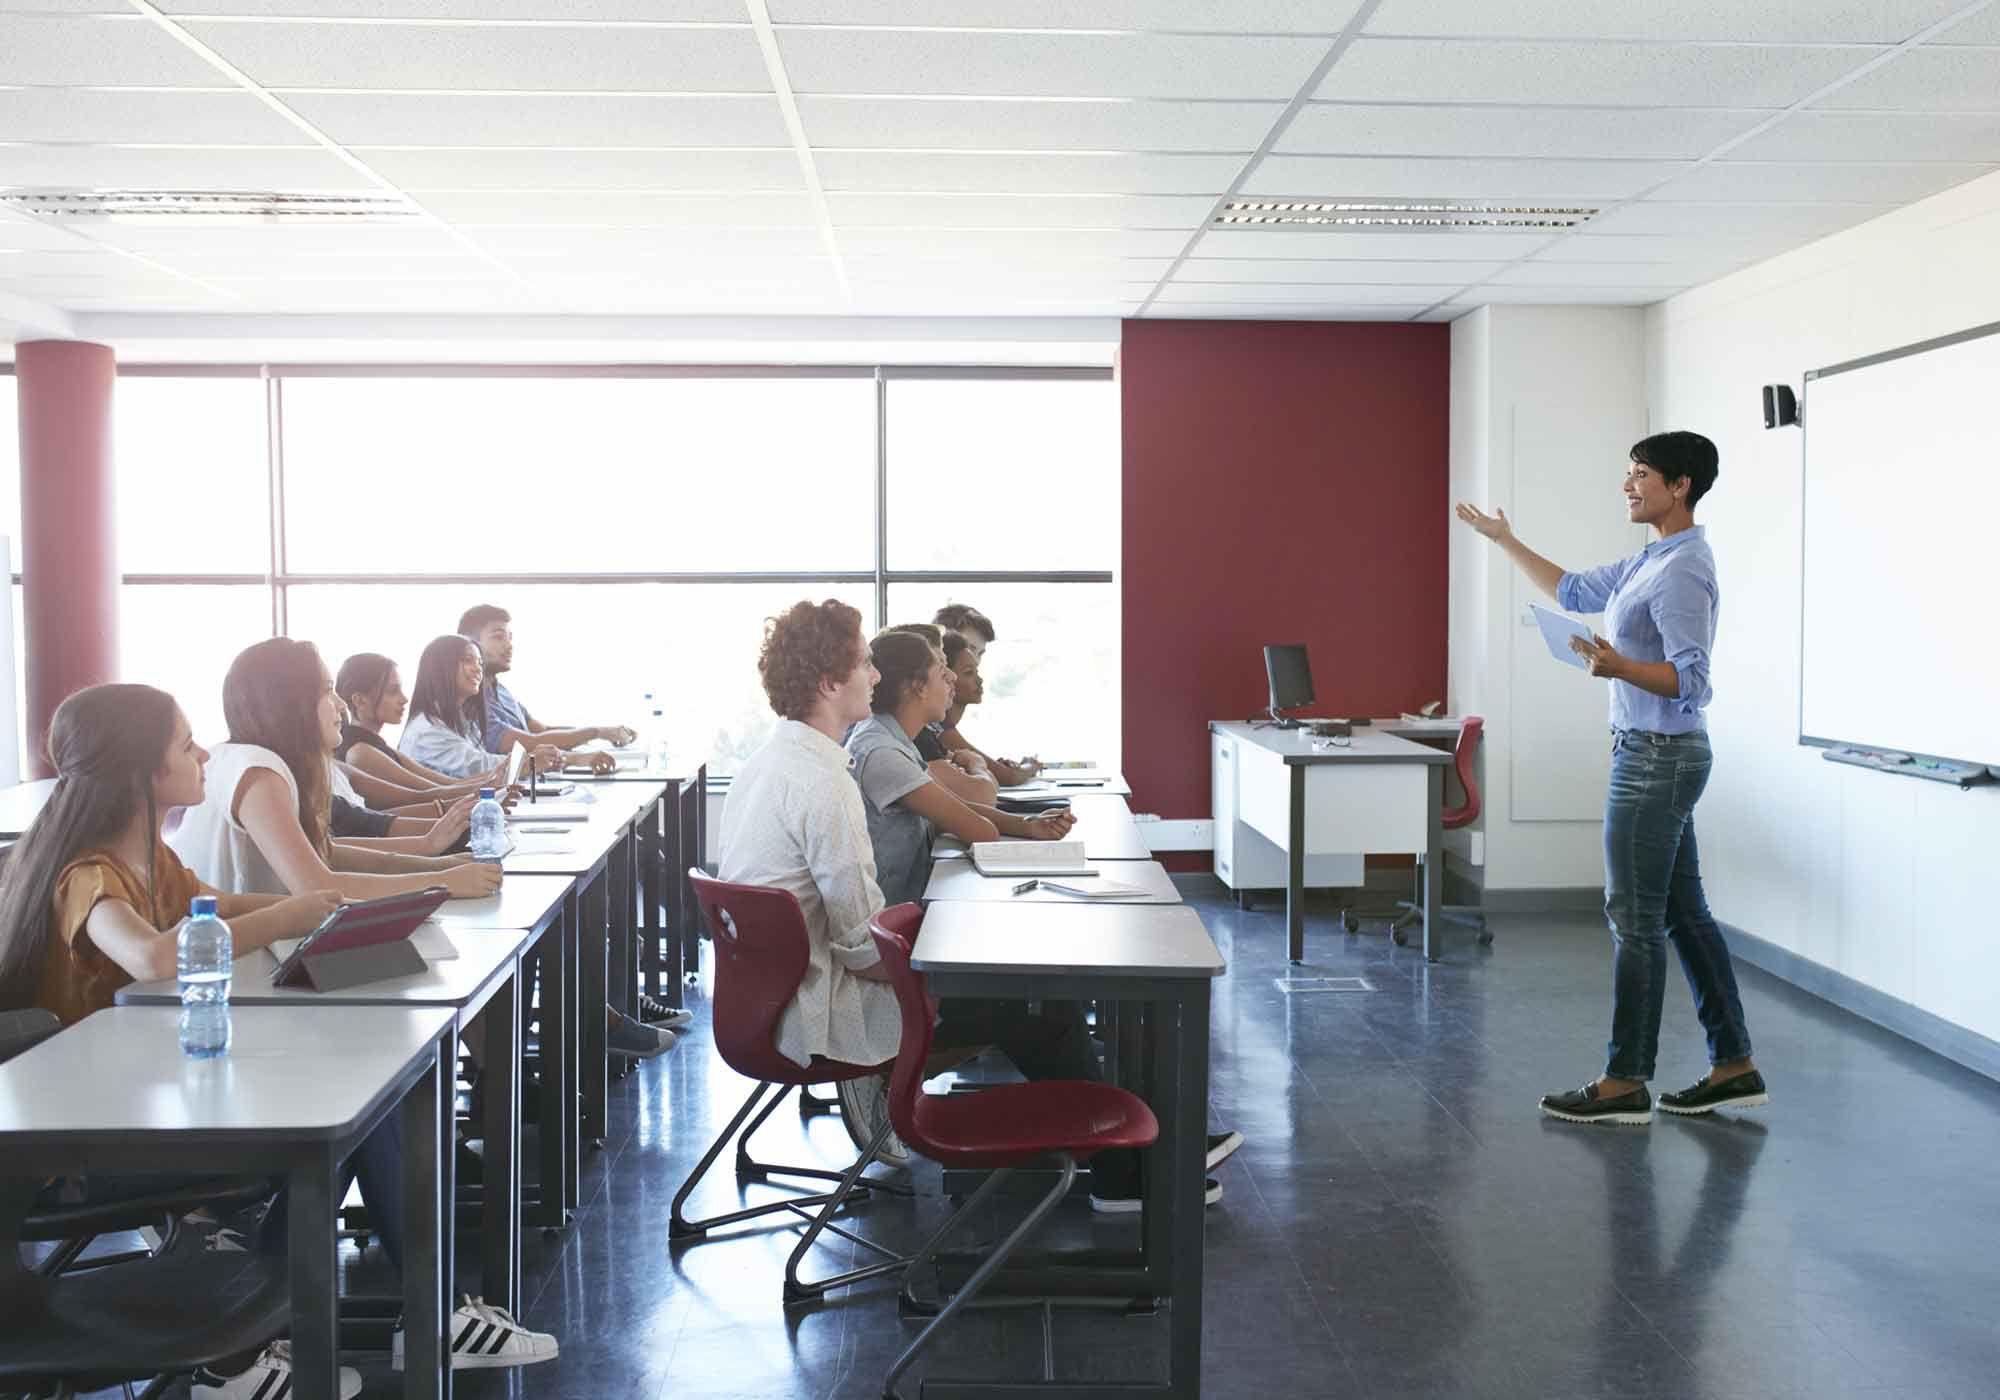 A teacher explains the classroom rules